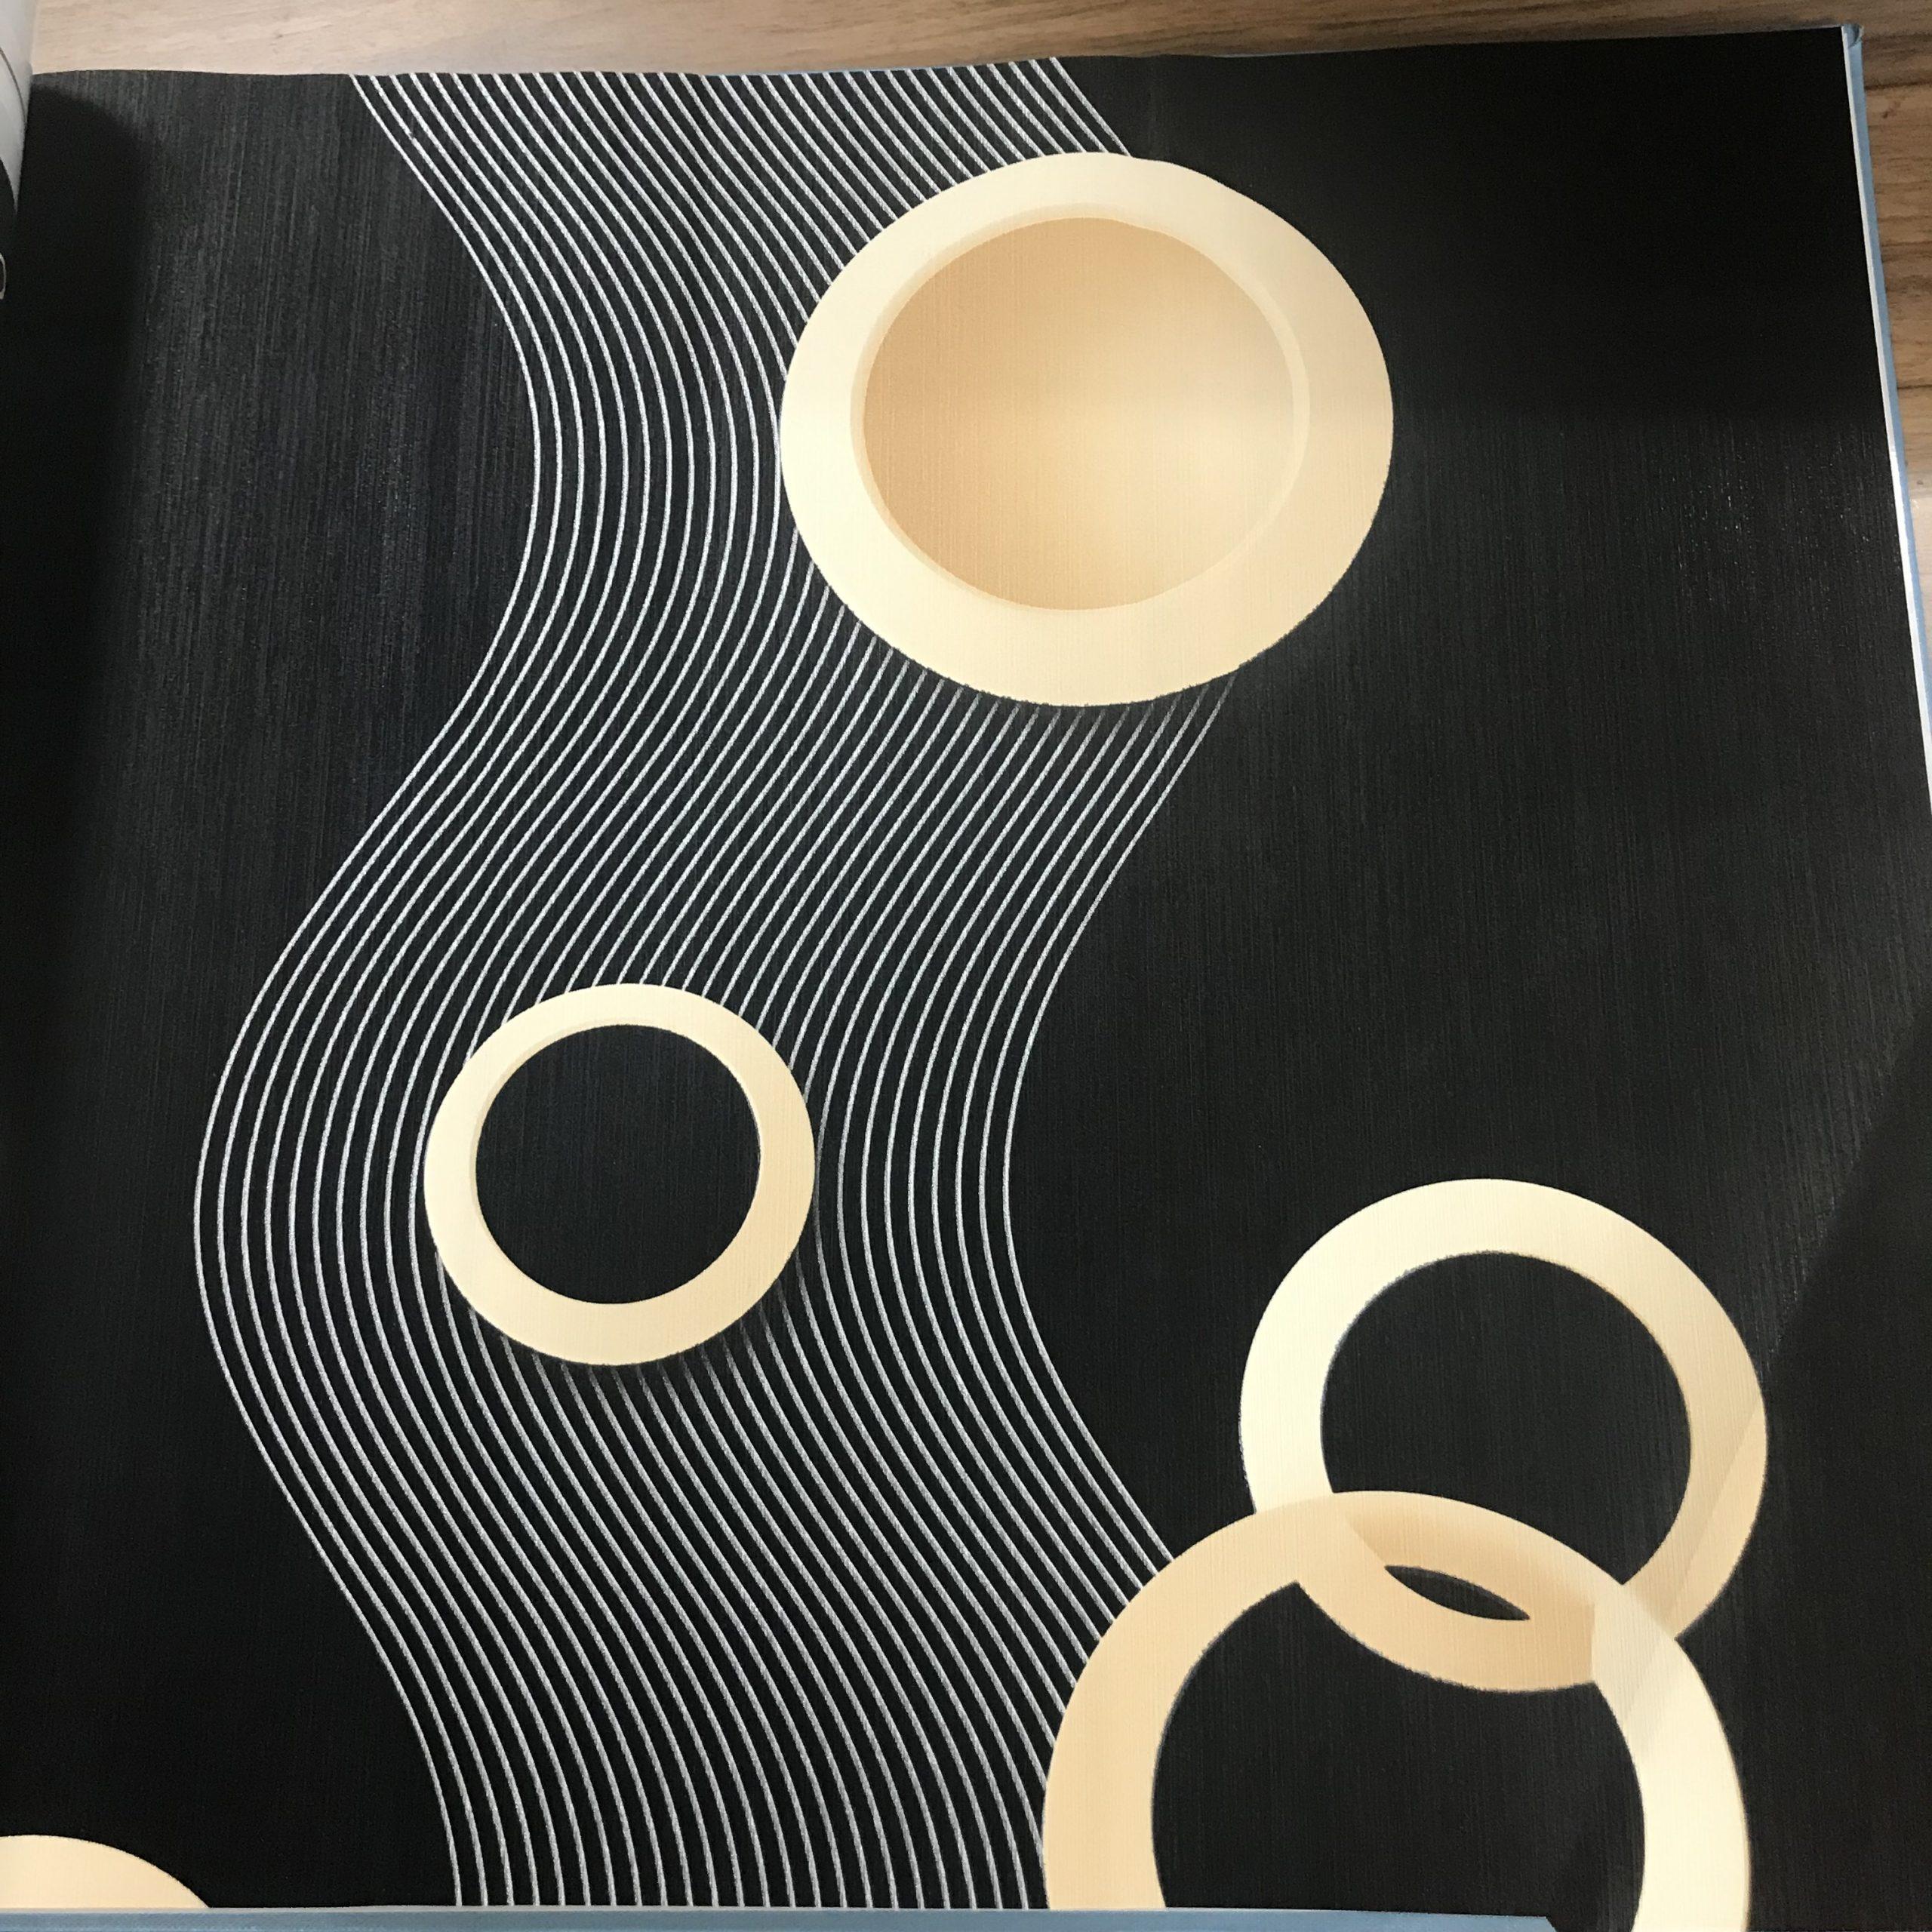 Full Size of Abwaschbare Tapete Grohandel Kche Kaufen Sie Besten Küche Wohnzimmer Tapeten Ideen Für Fototapete Fototapeten Die Modern Schlafzimmer Fenster Wohnzimmer Abwaschbare Tapete